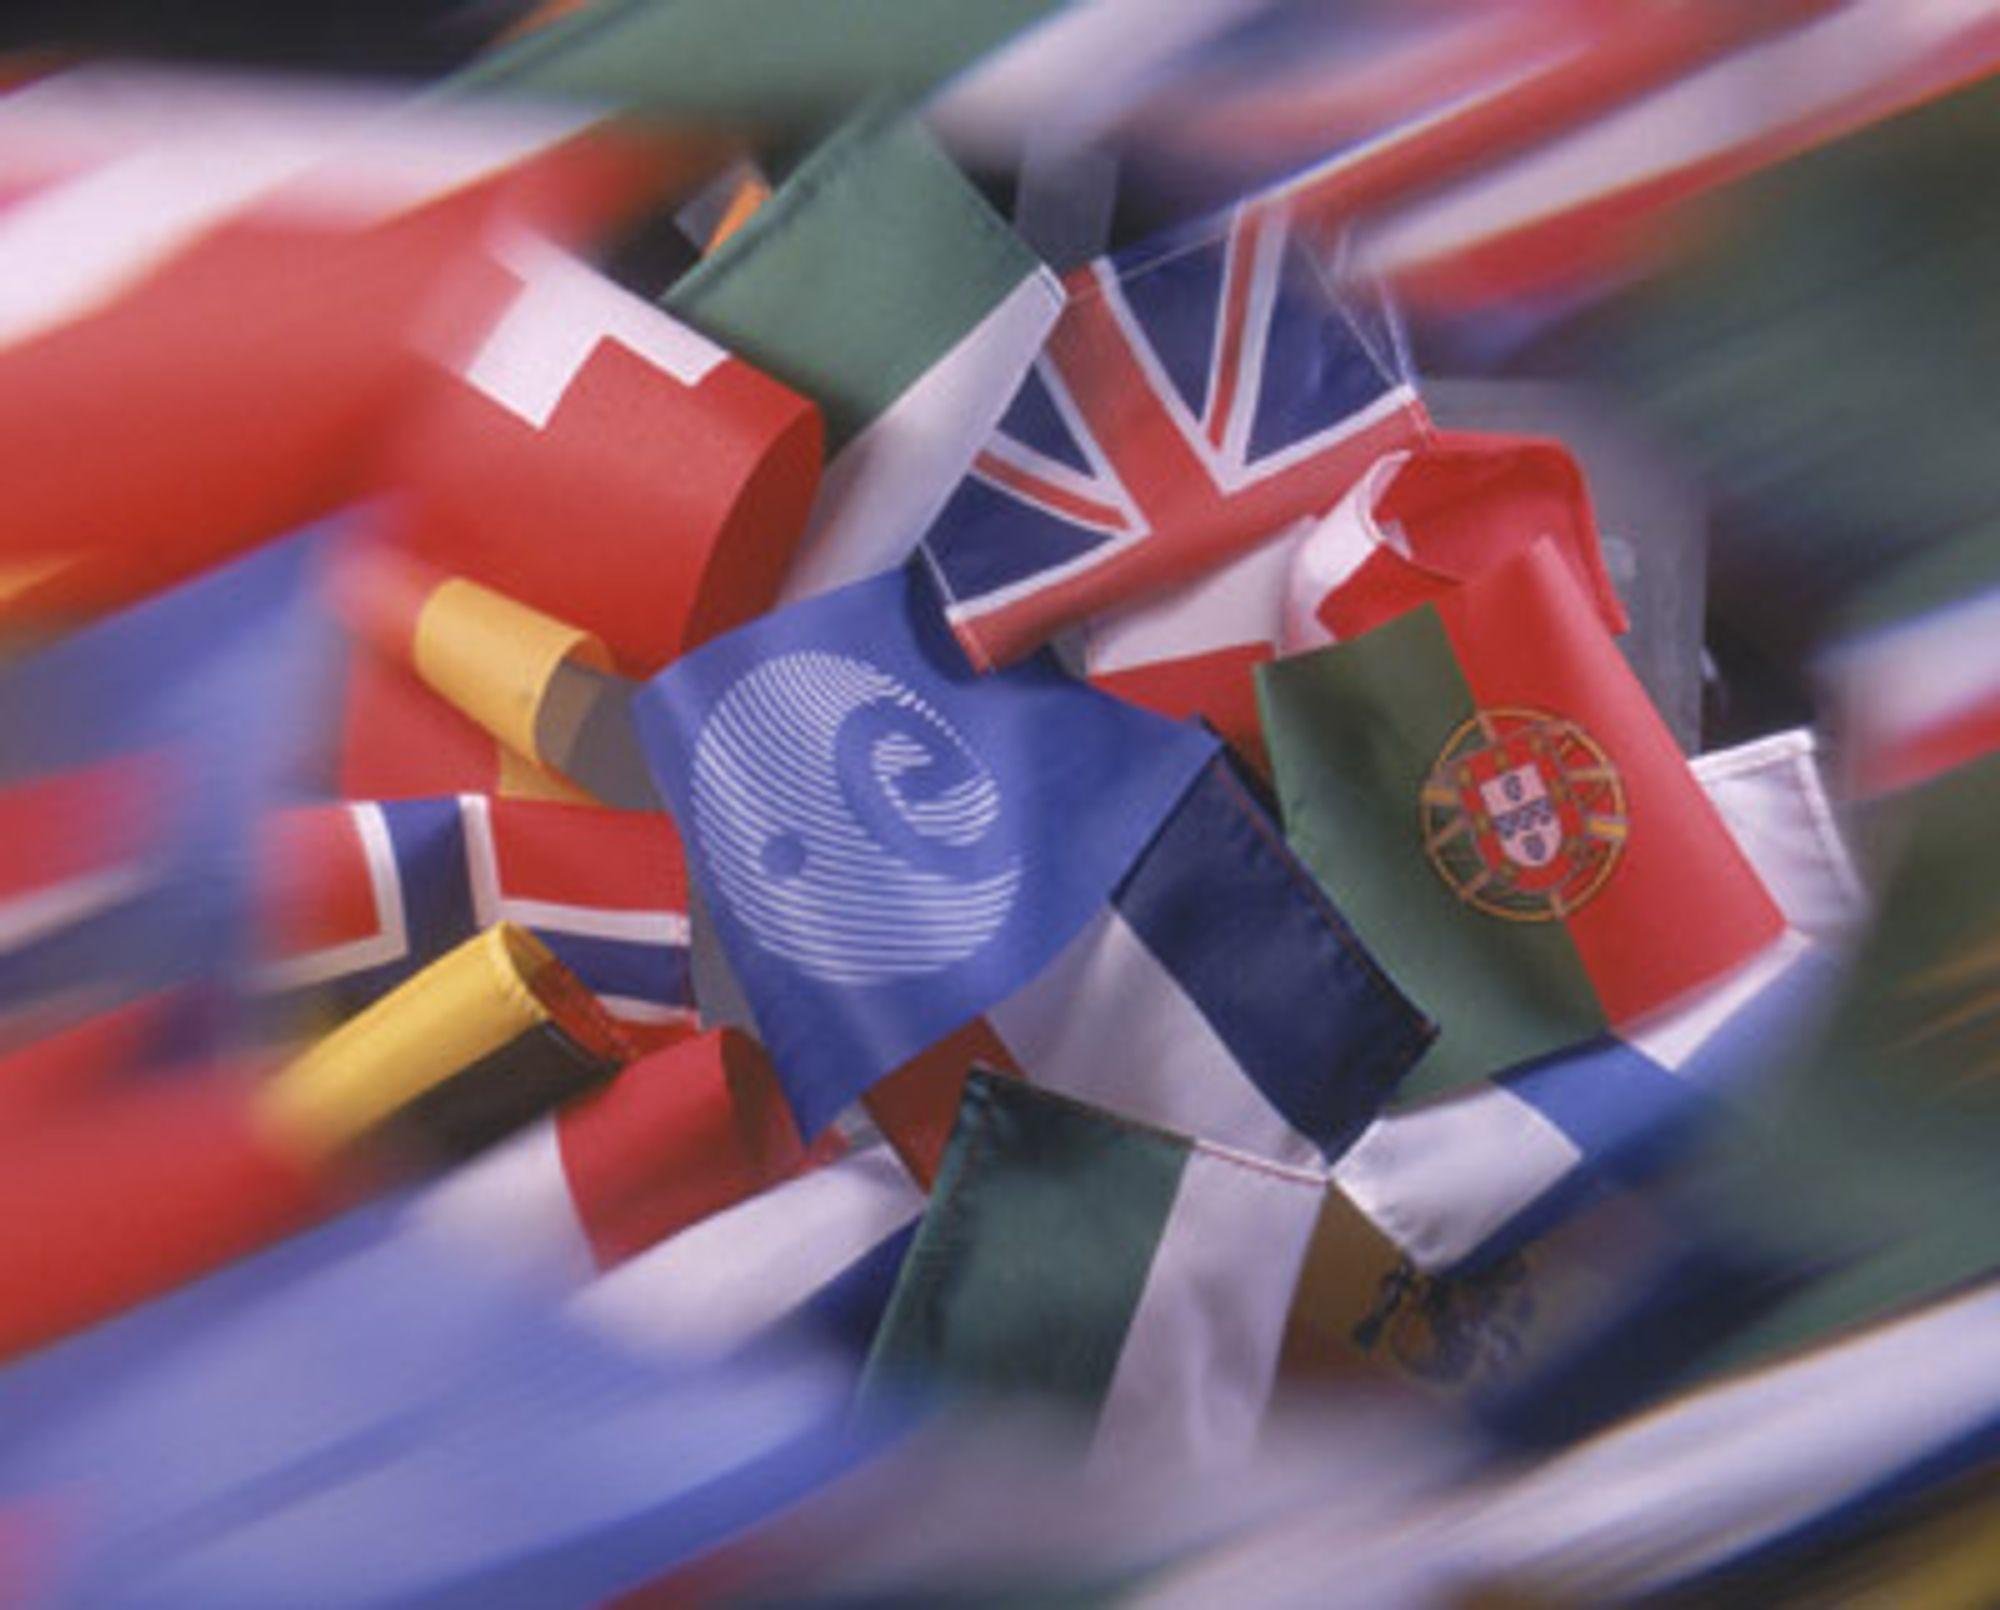 Storbritannia er ventet å bli Europas største økonomi, mens Norge sakker akterut.